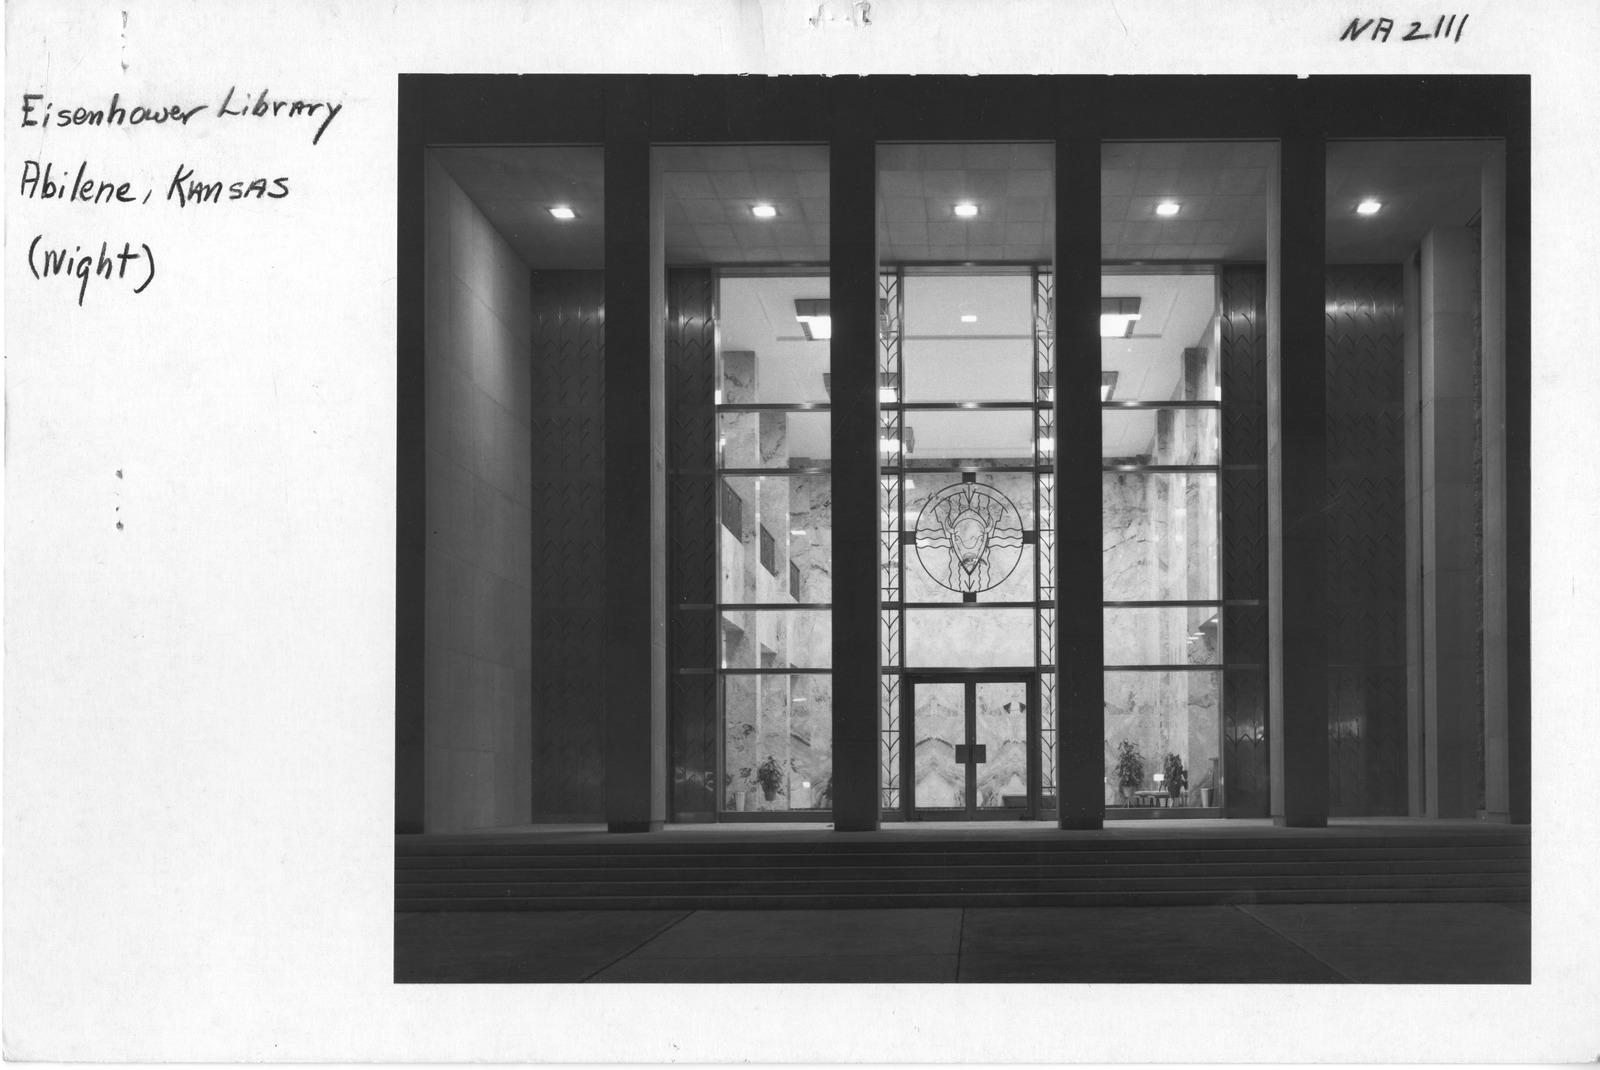 Photograph of Eisenhower Library Abilene, Kansas (Night)